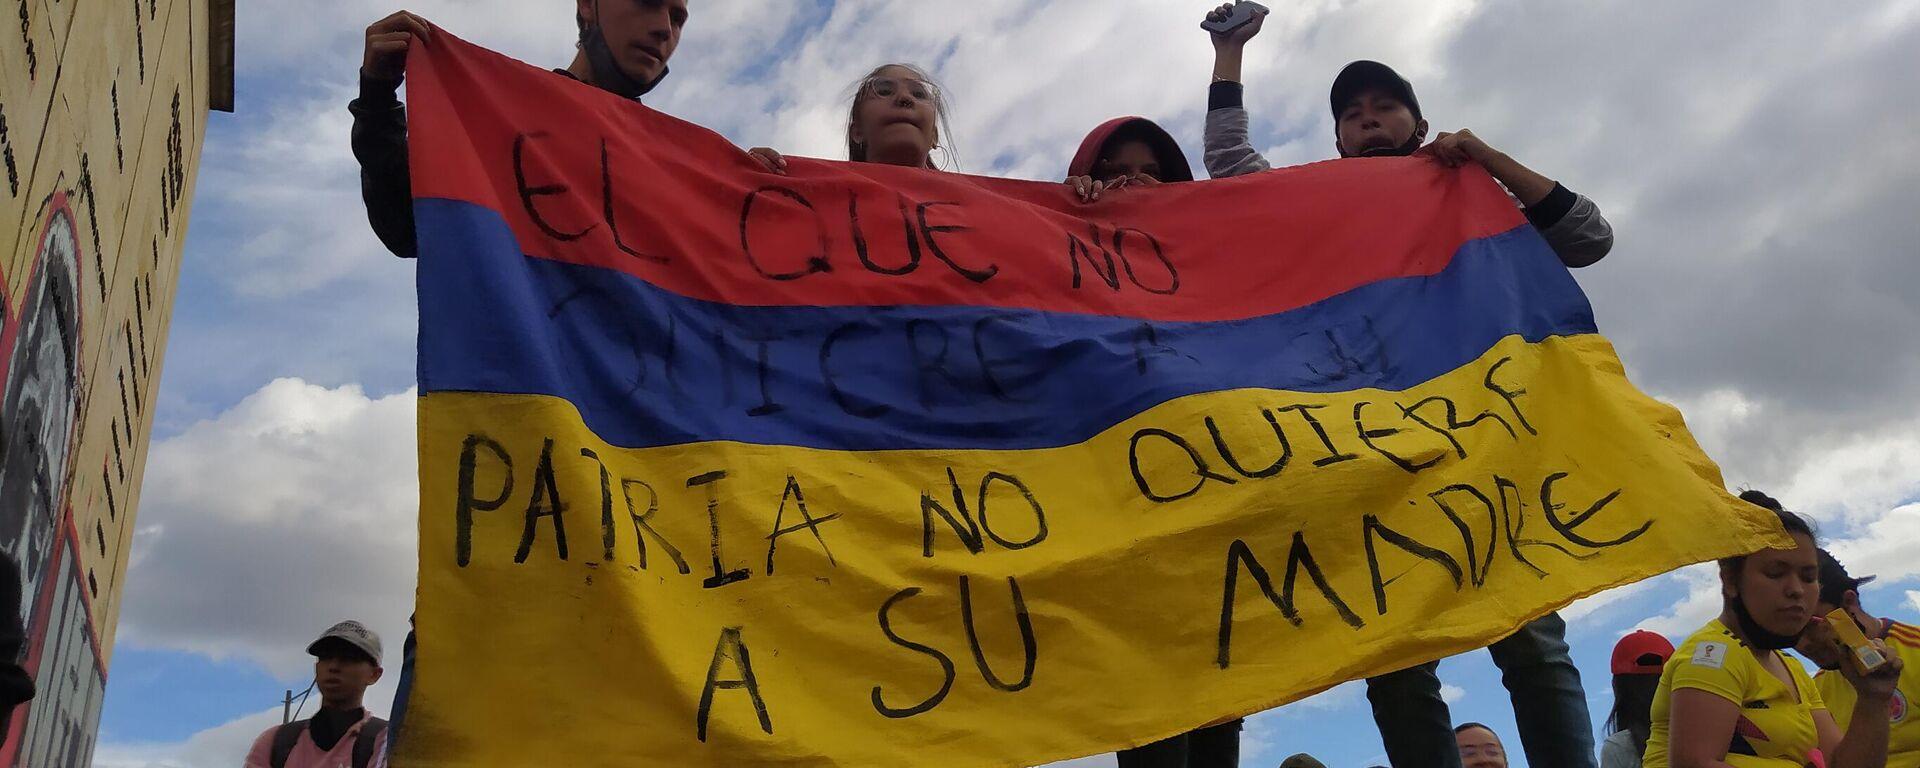 Protestas en Bogotá - Sputnik Mundo, 1920, 01.06.2021